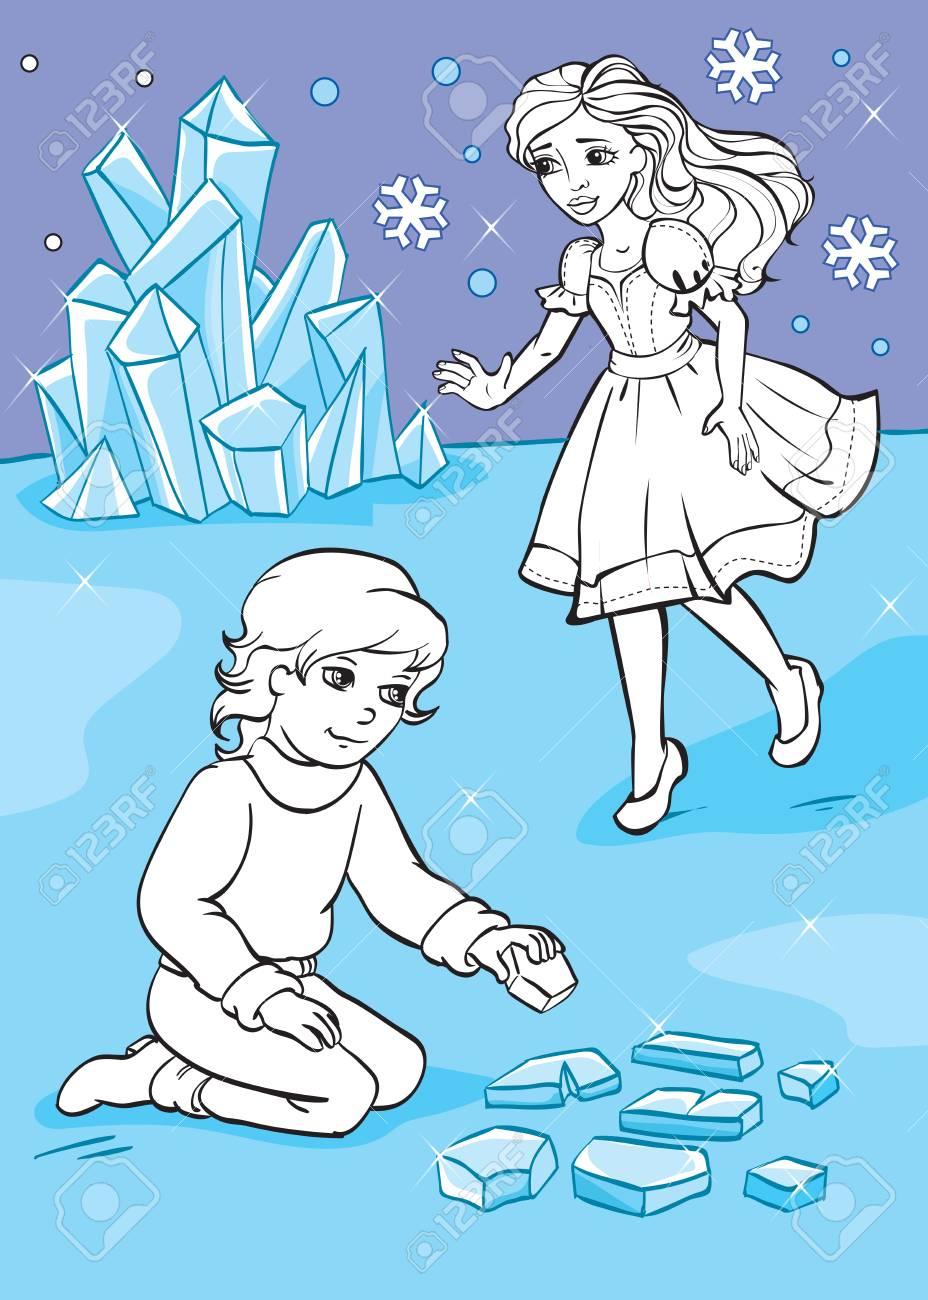 Erfreut Malvorlagen Für Mädchen Und Jungen Bilder - Beispiel ...